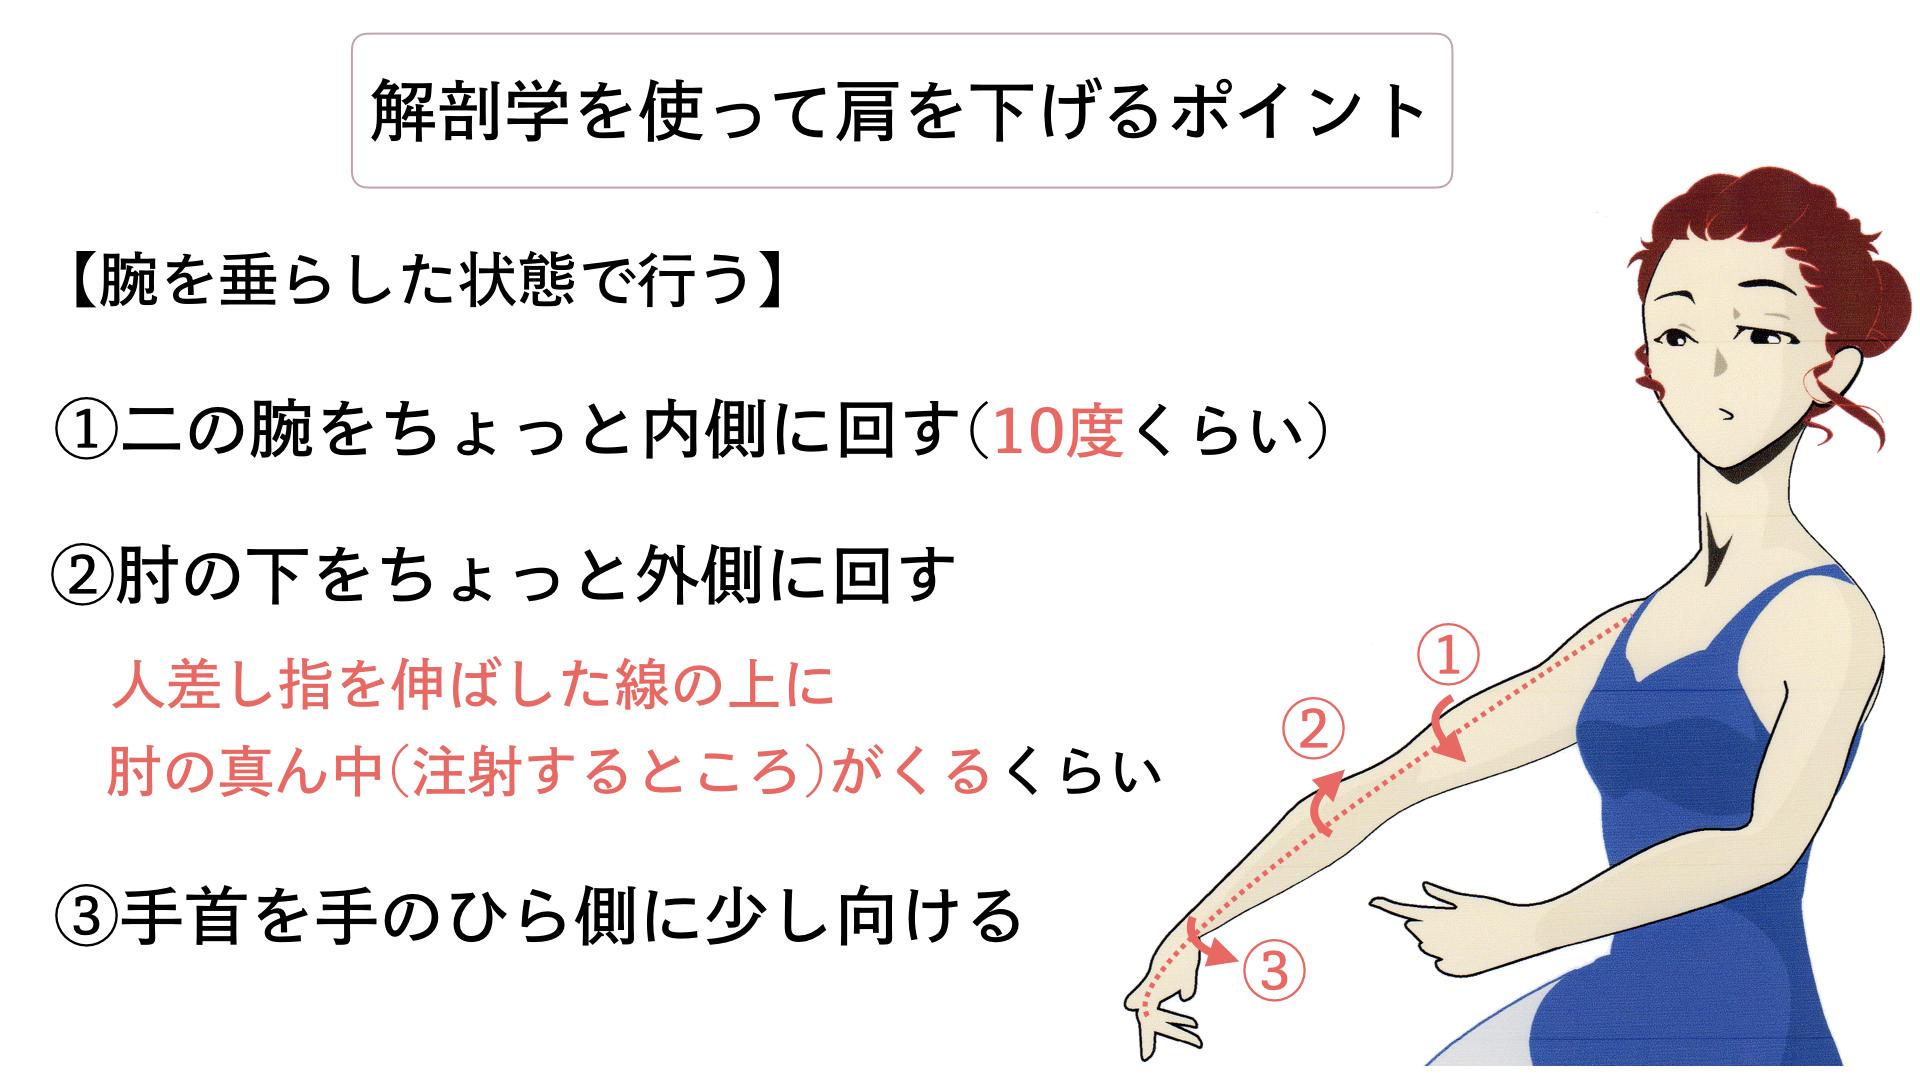 バレエ 肩を下げる 解剖学